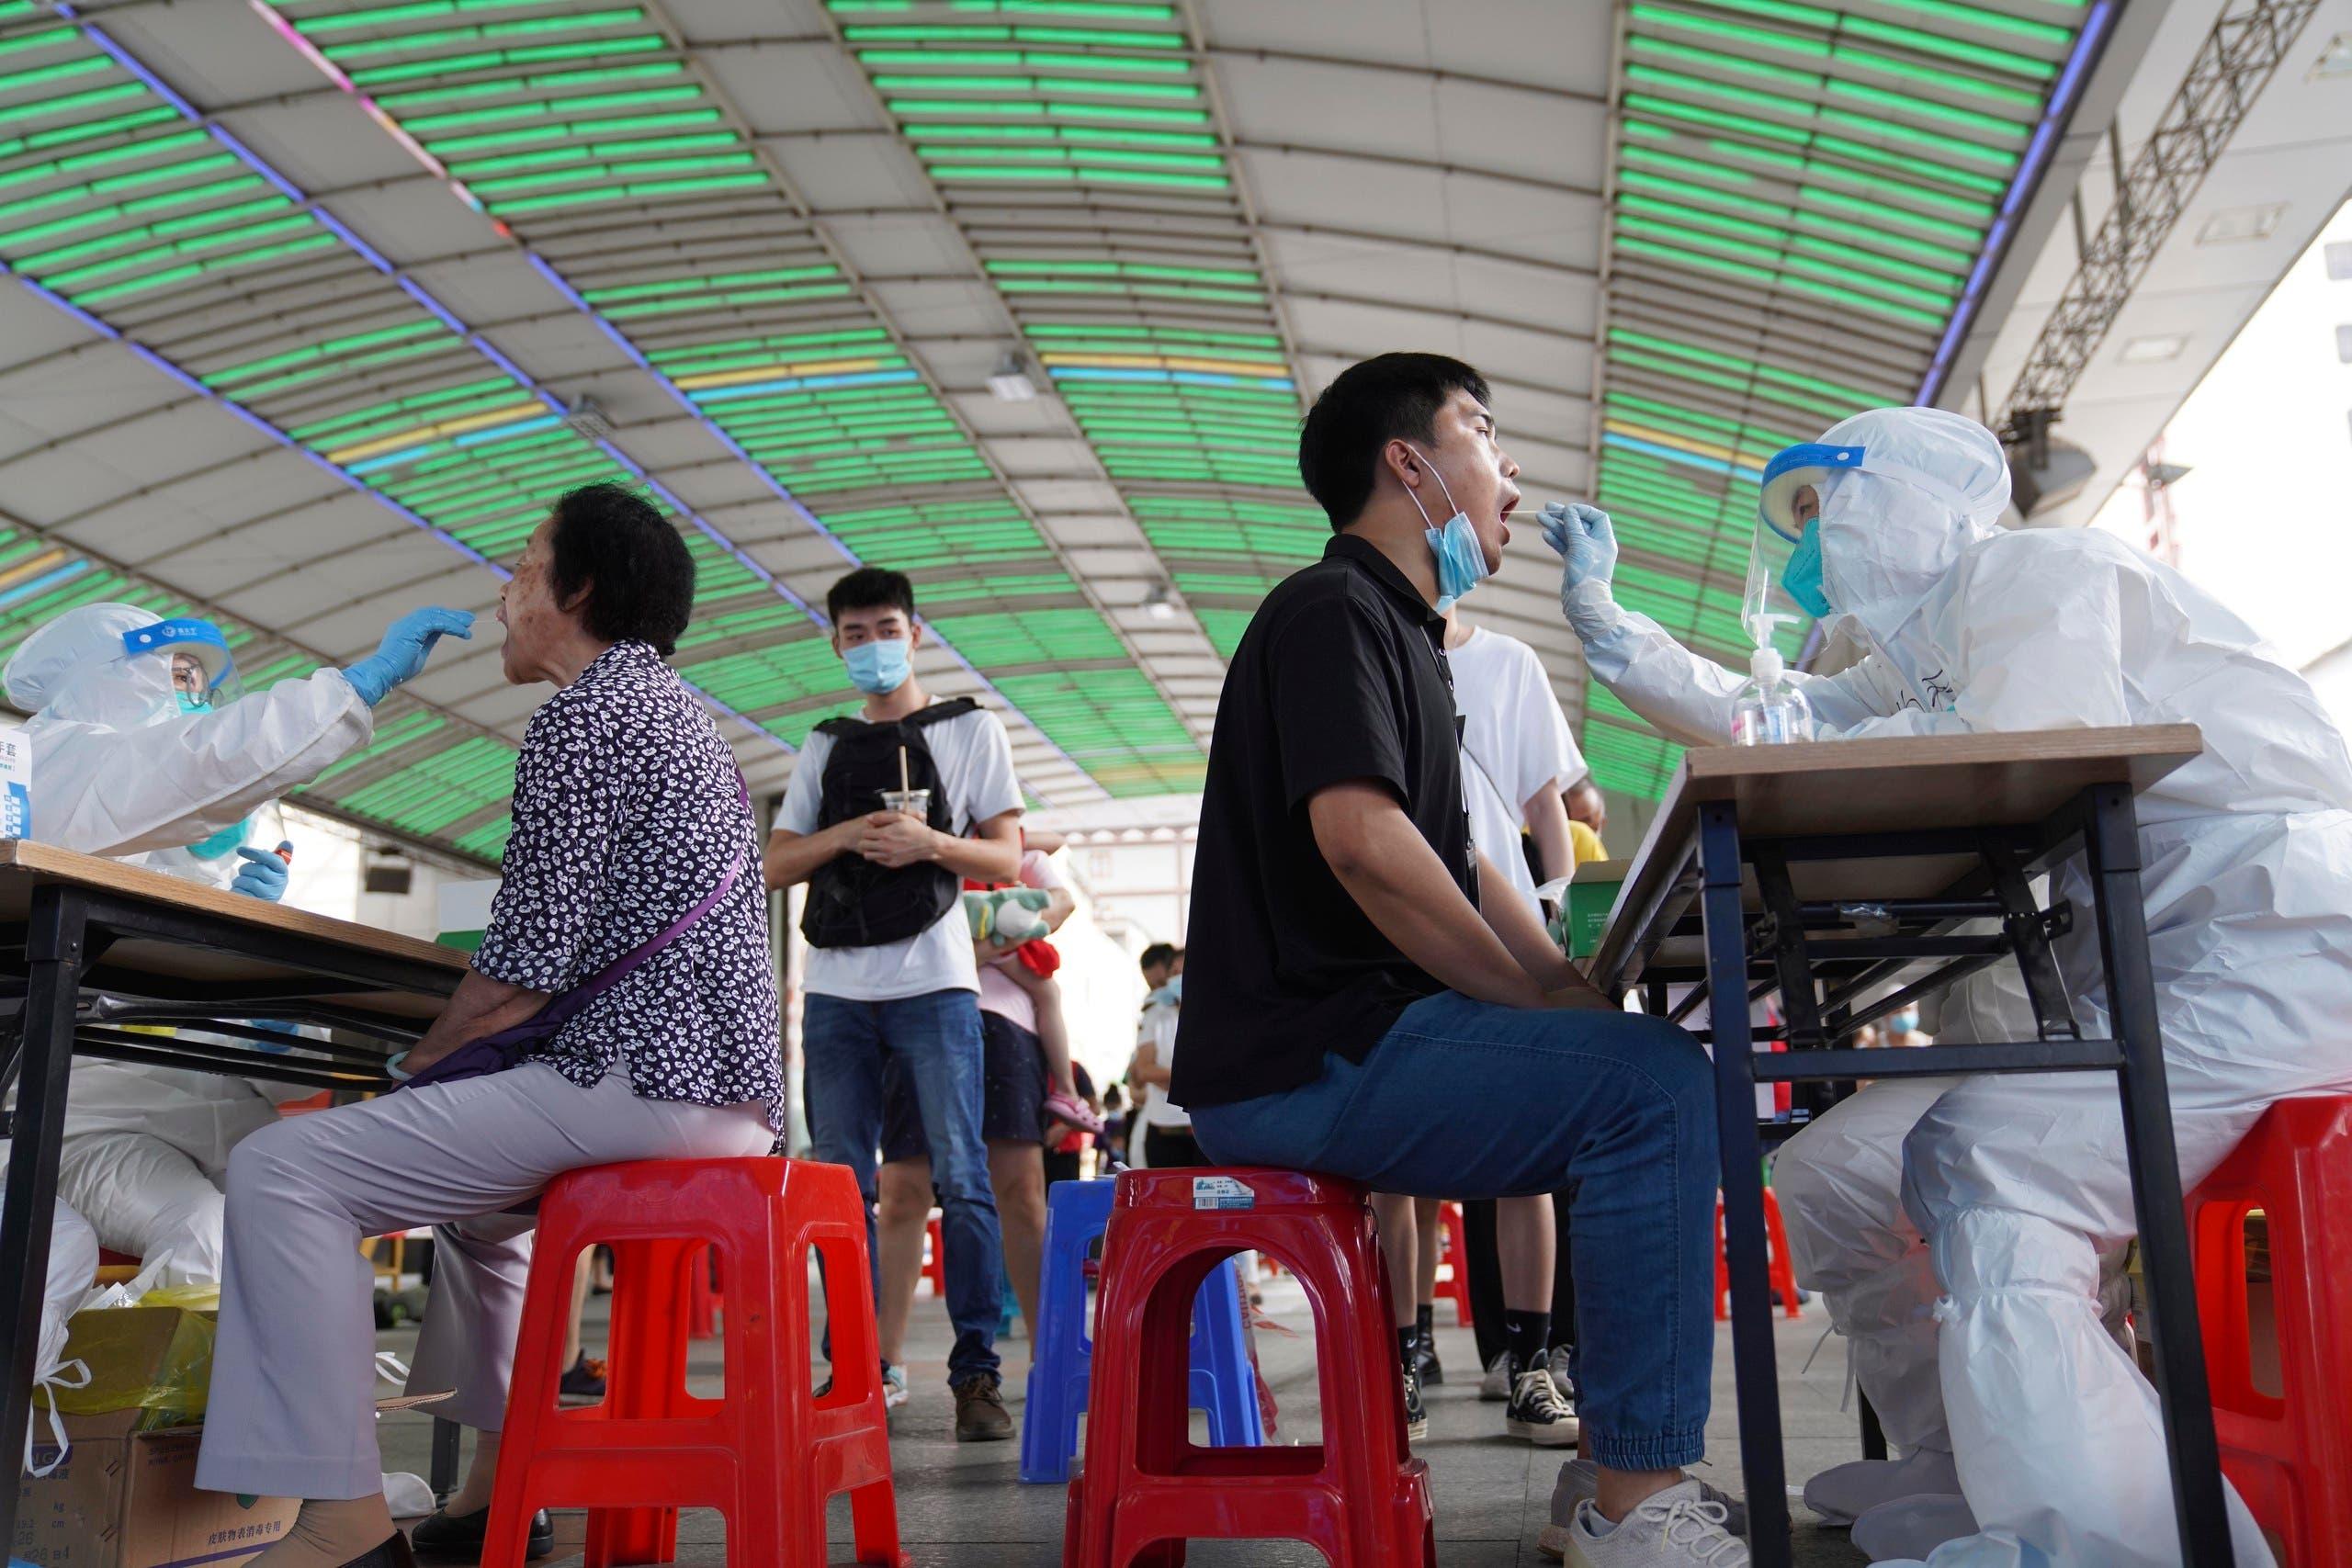 اختبارات مكثفة لكورونا في قوانغتشو  للحد من تفشي الفيروس